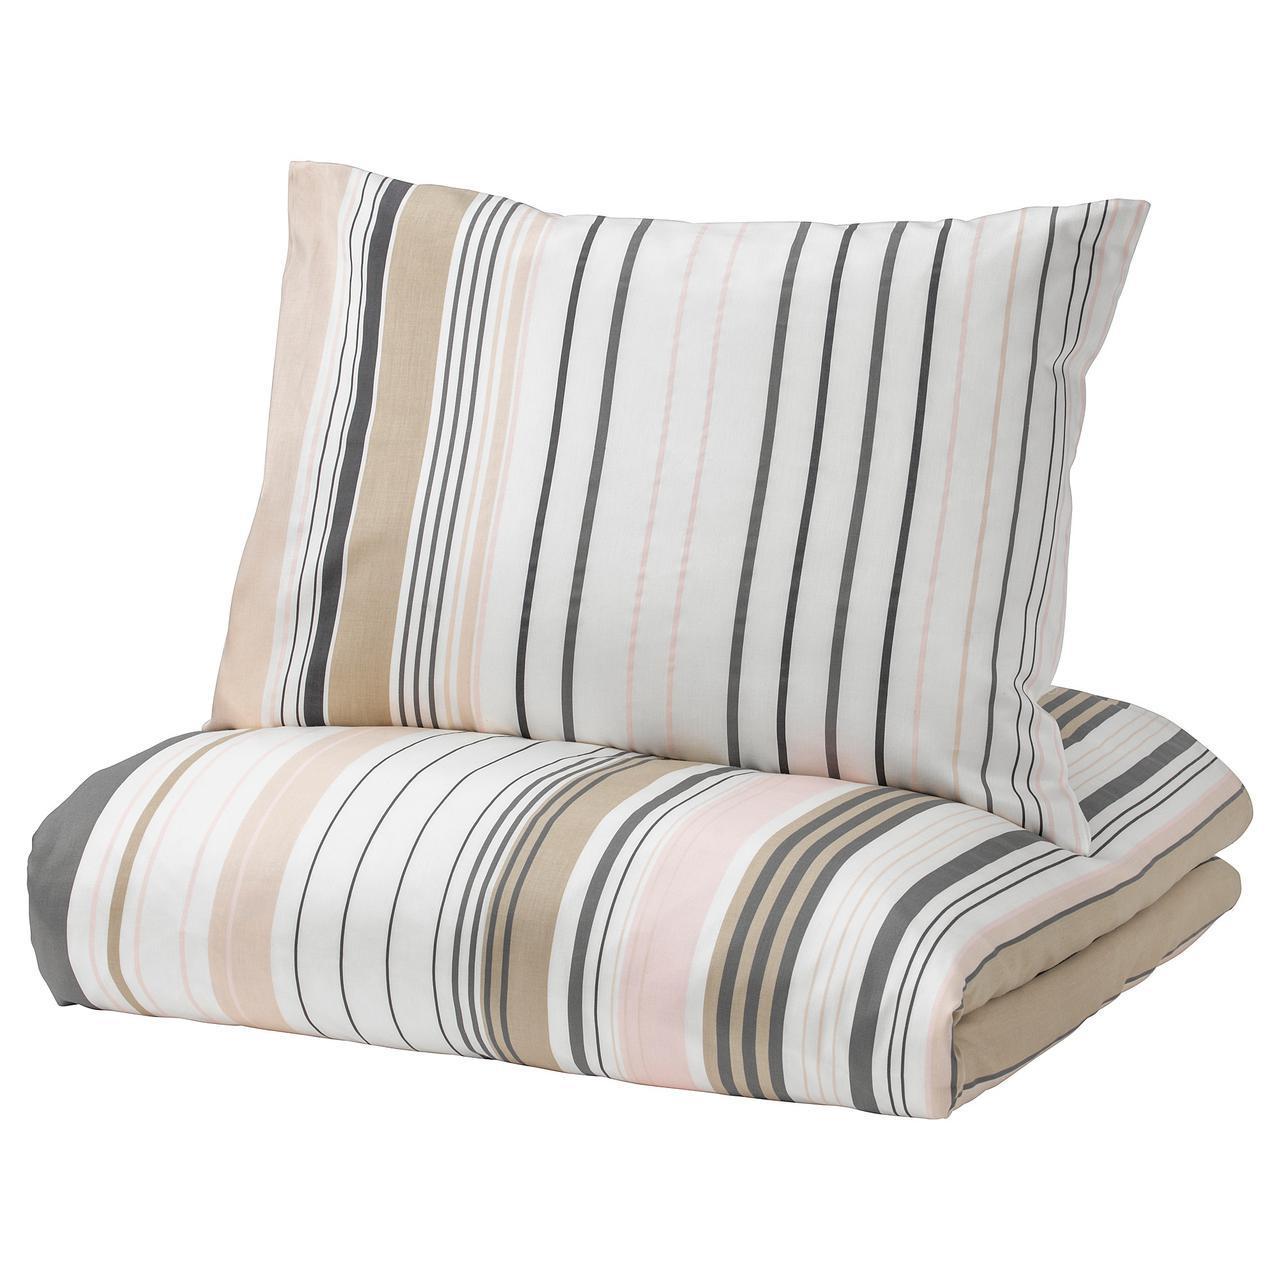 Комплект постельного белья IKEA BLÅRIPS 200х200 см разноцветный в полоску 703.424.01